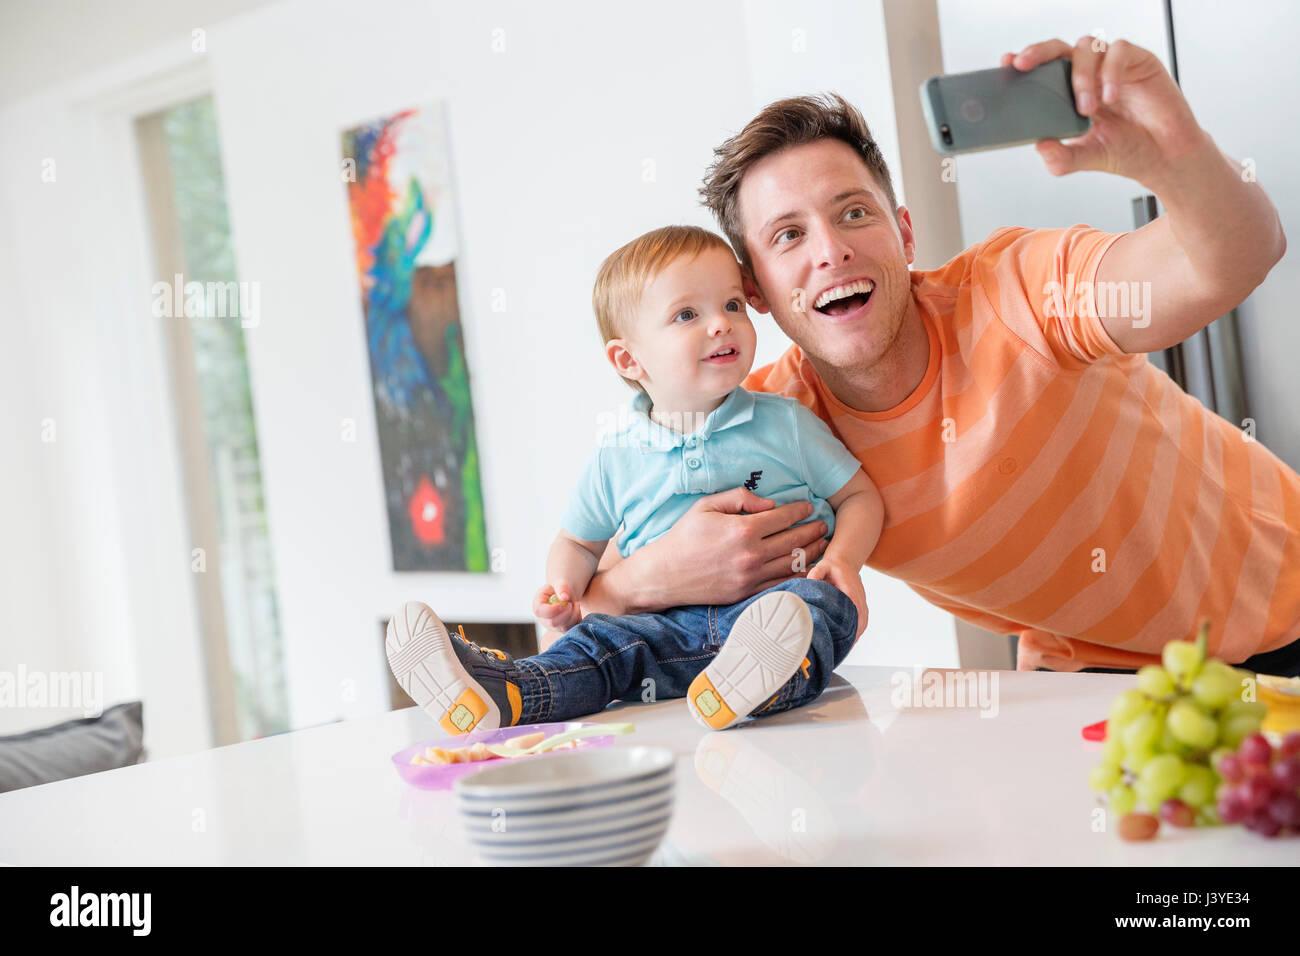 Vater und Kind Sohn nehmen Selfie in Küche zu Hause Stockbild